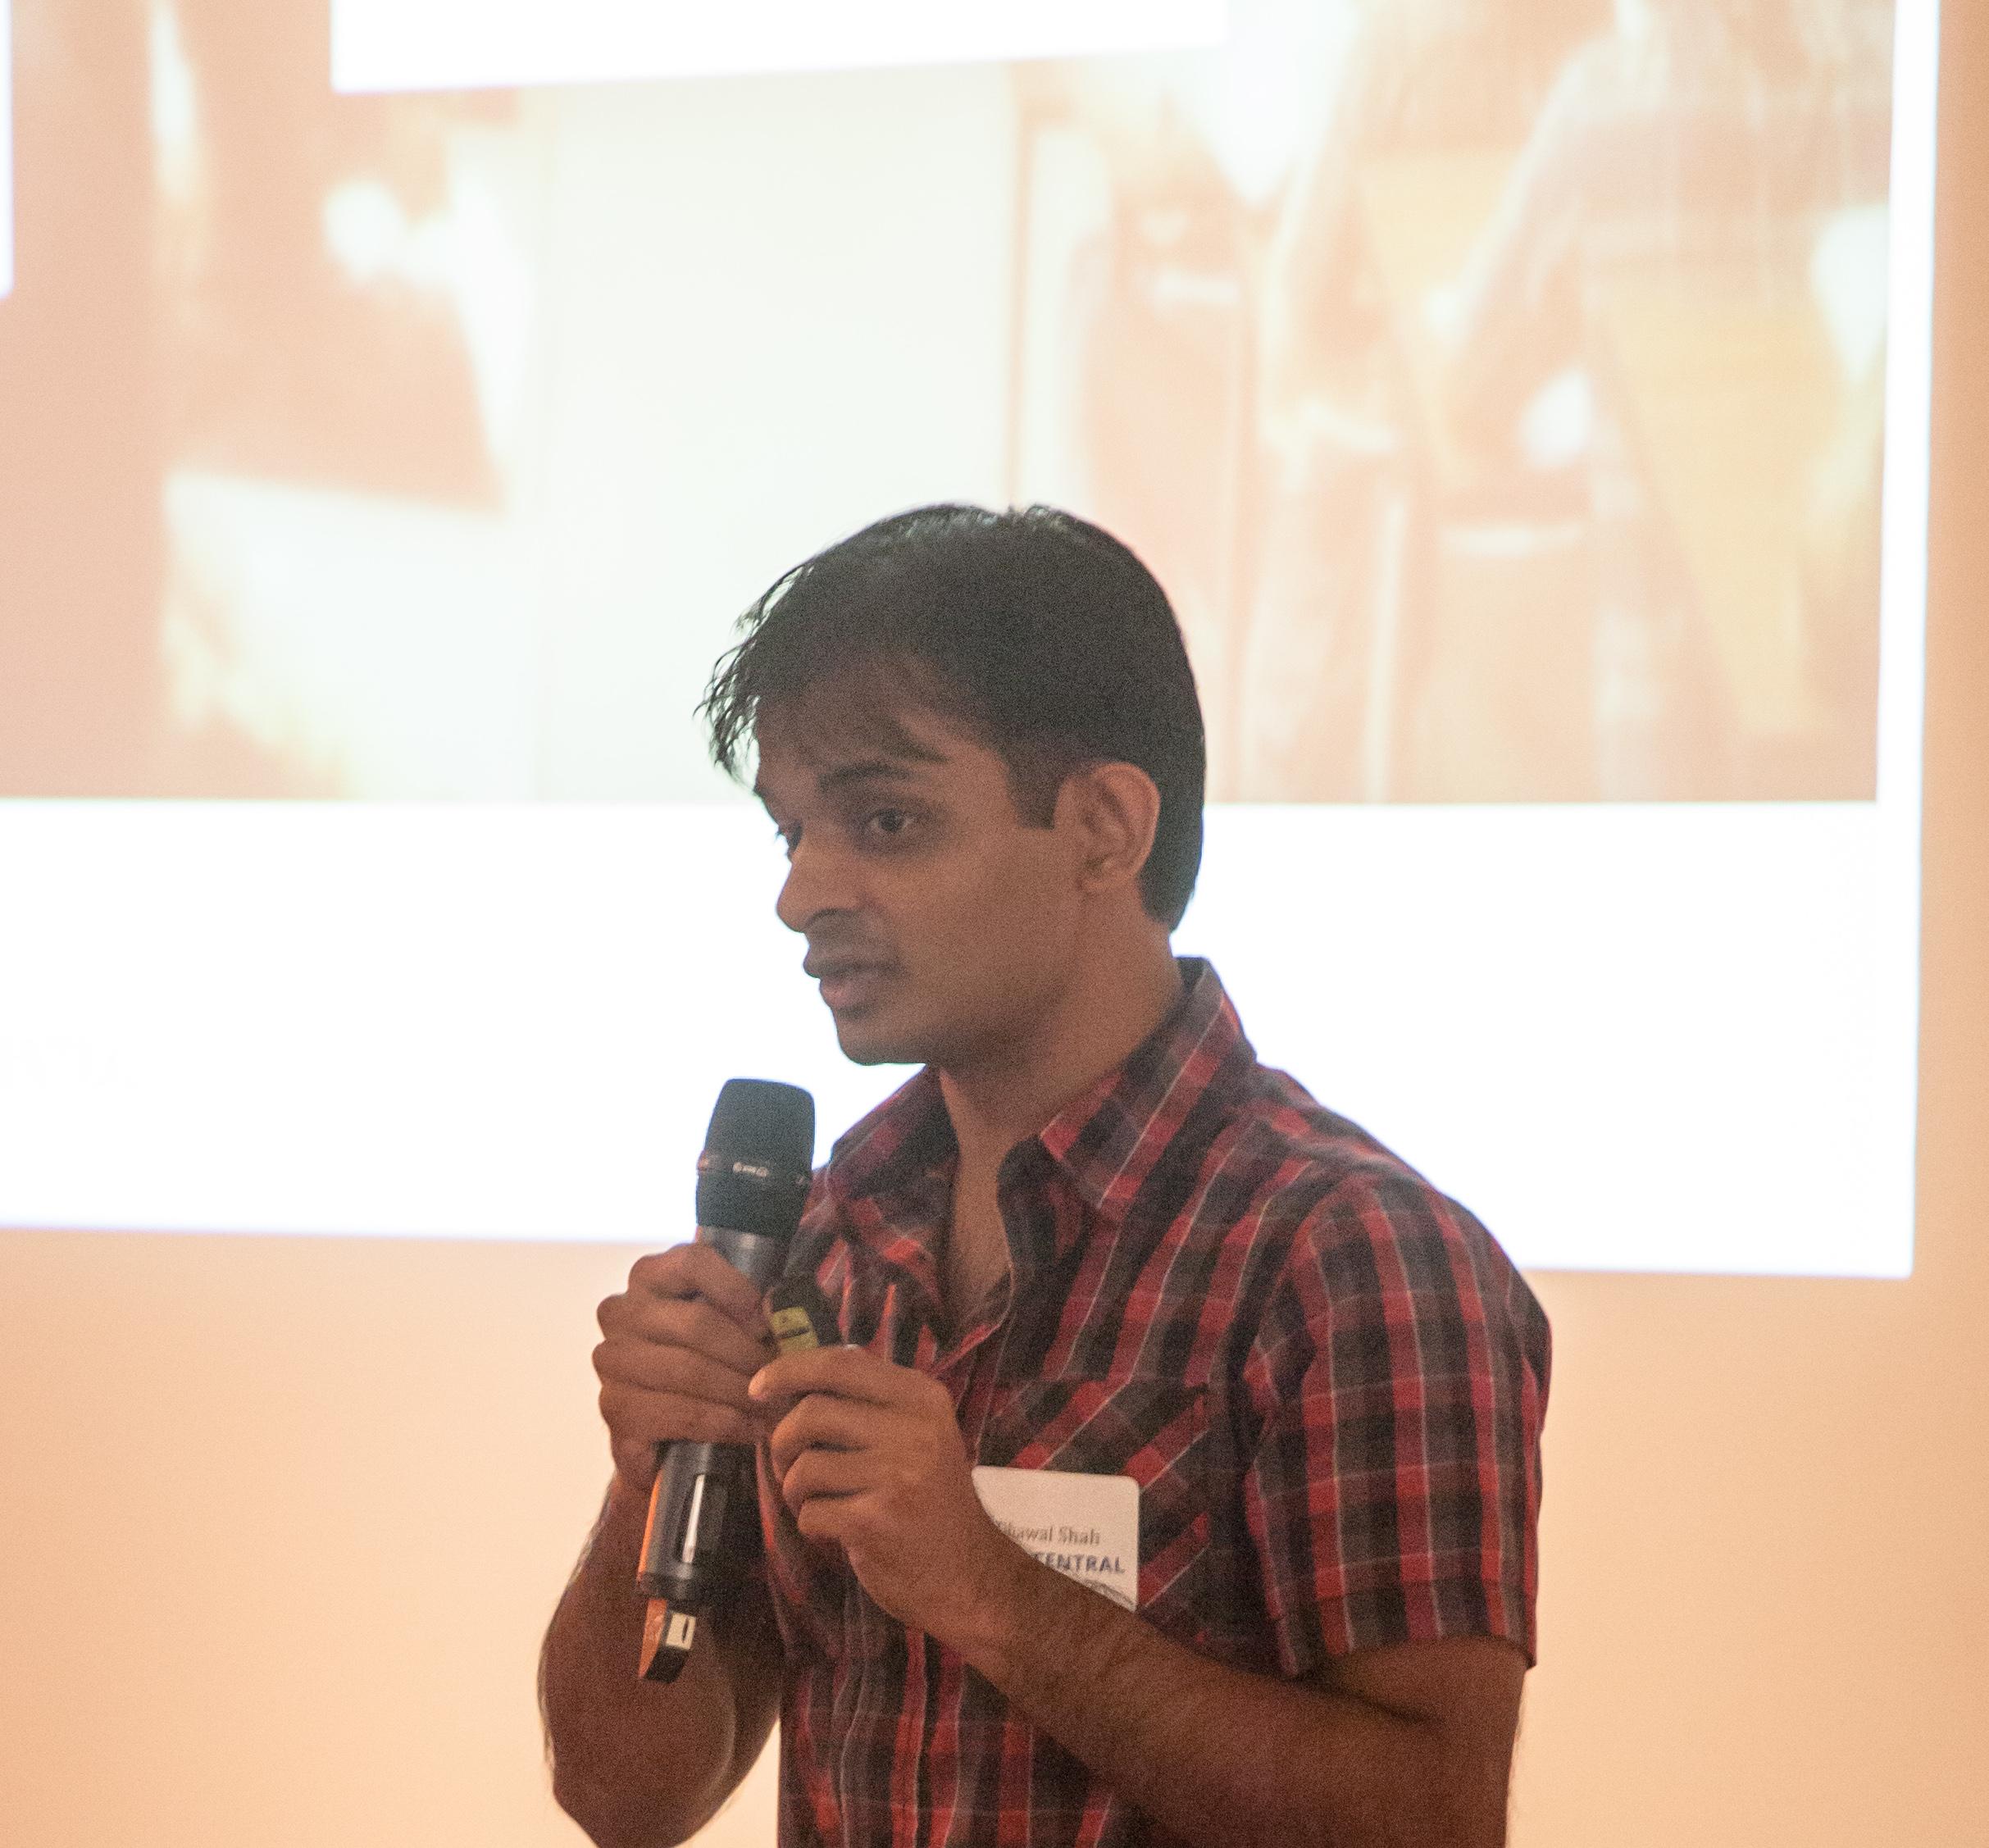 Dhawal Shah